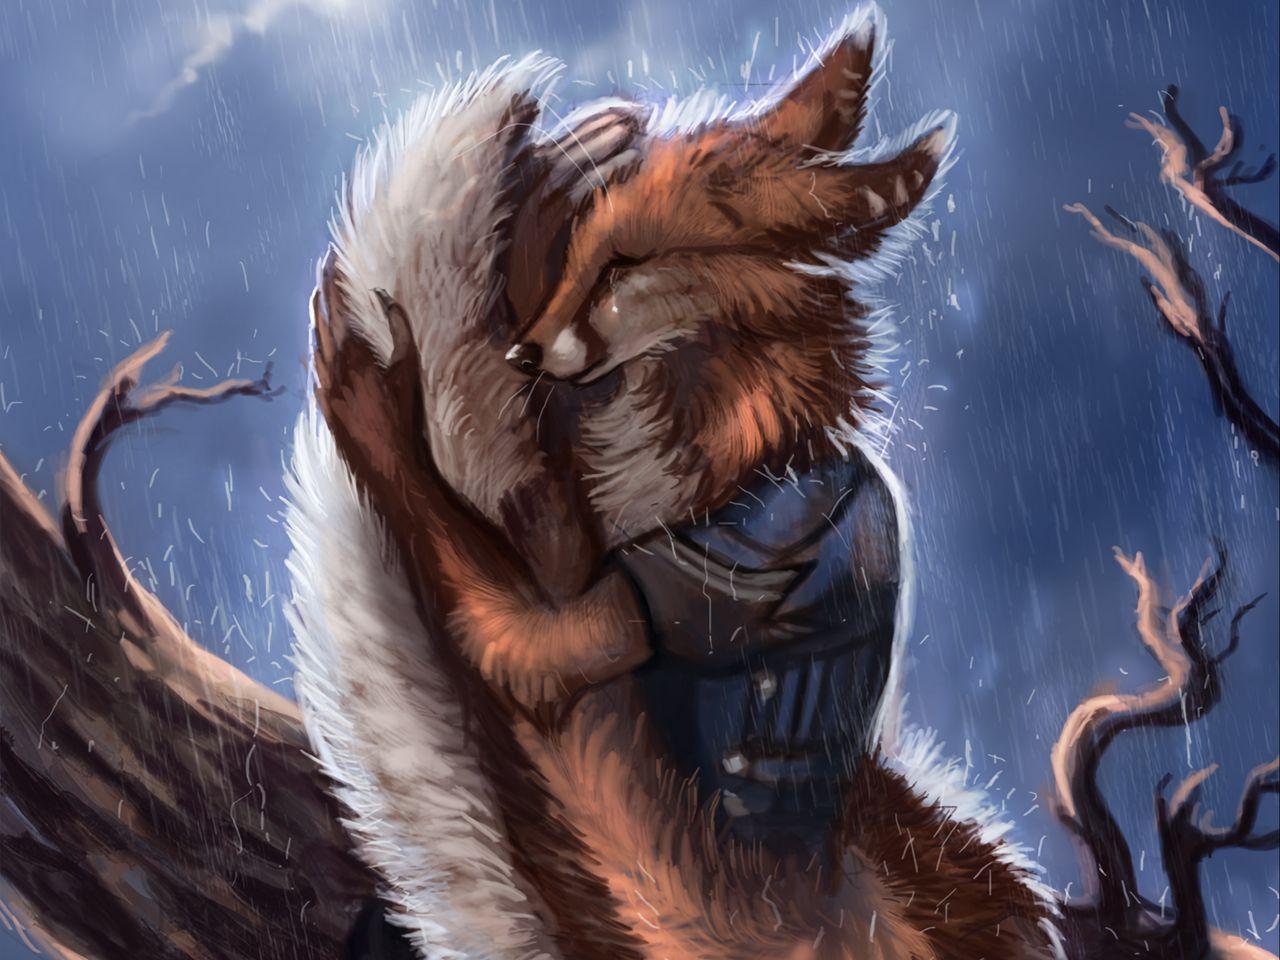 1280x960 Wallpaper fox, tail, rain, hide, sadness